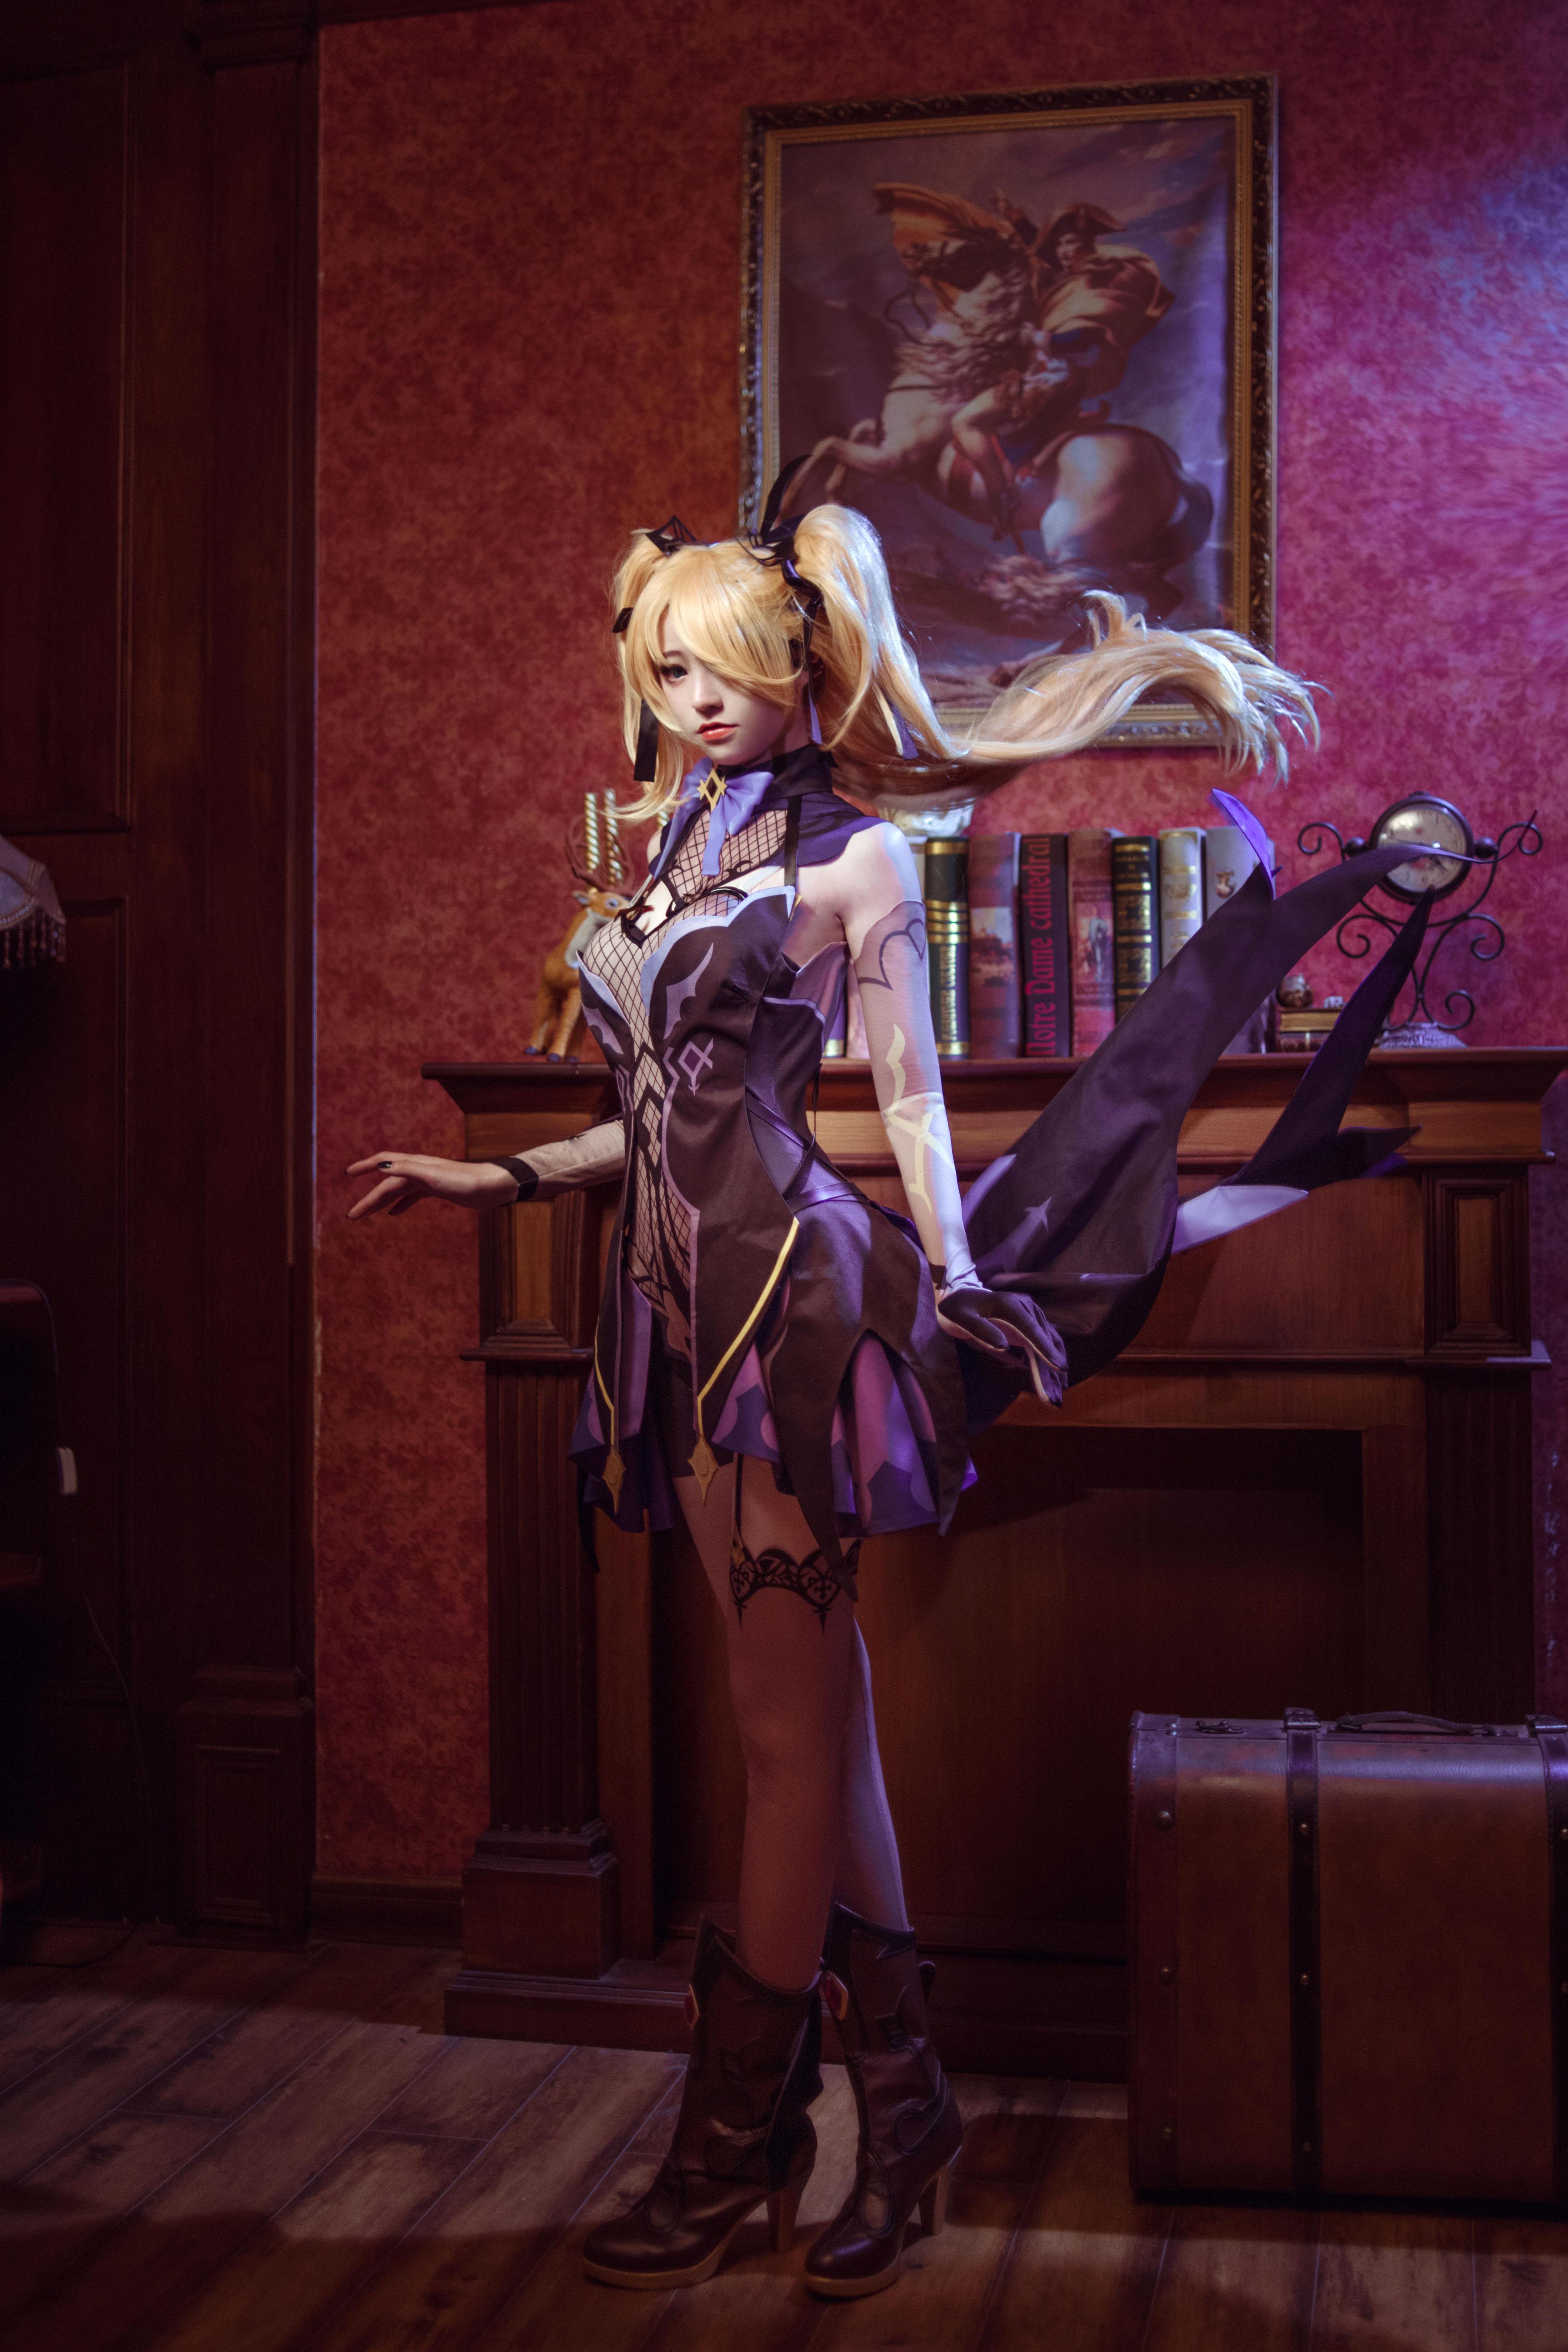 《原神》游戏cosplay【CN:淼唯Jaune】-第5张